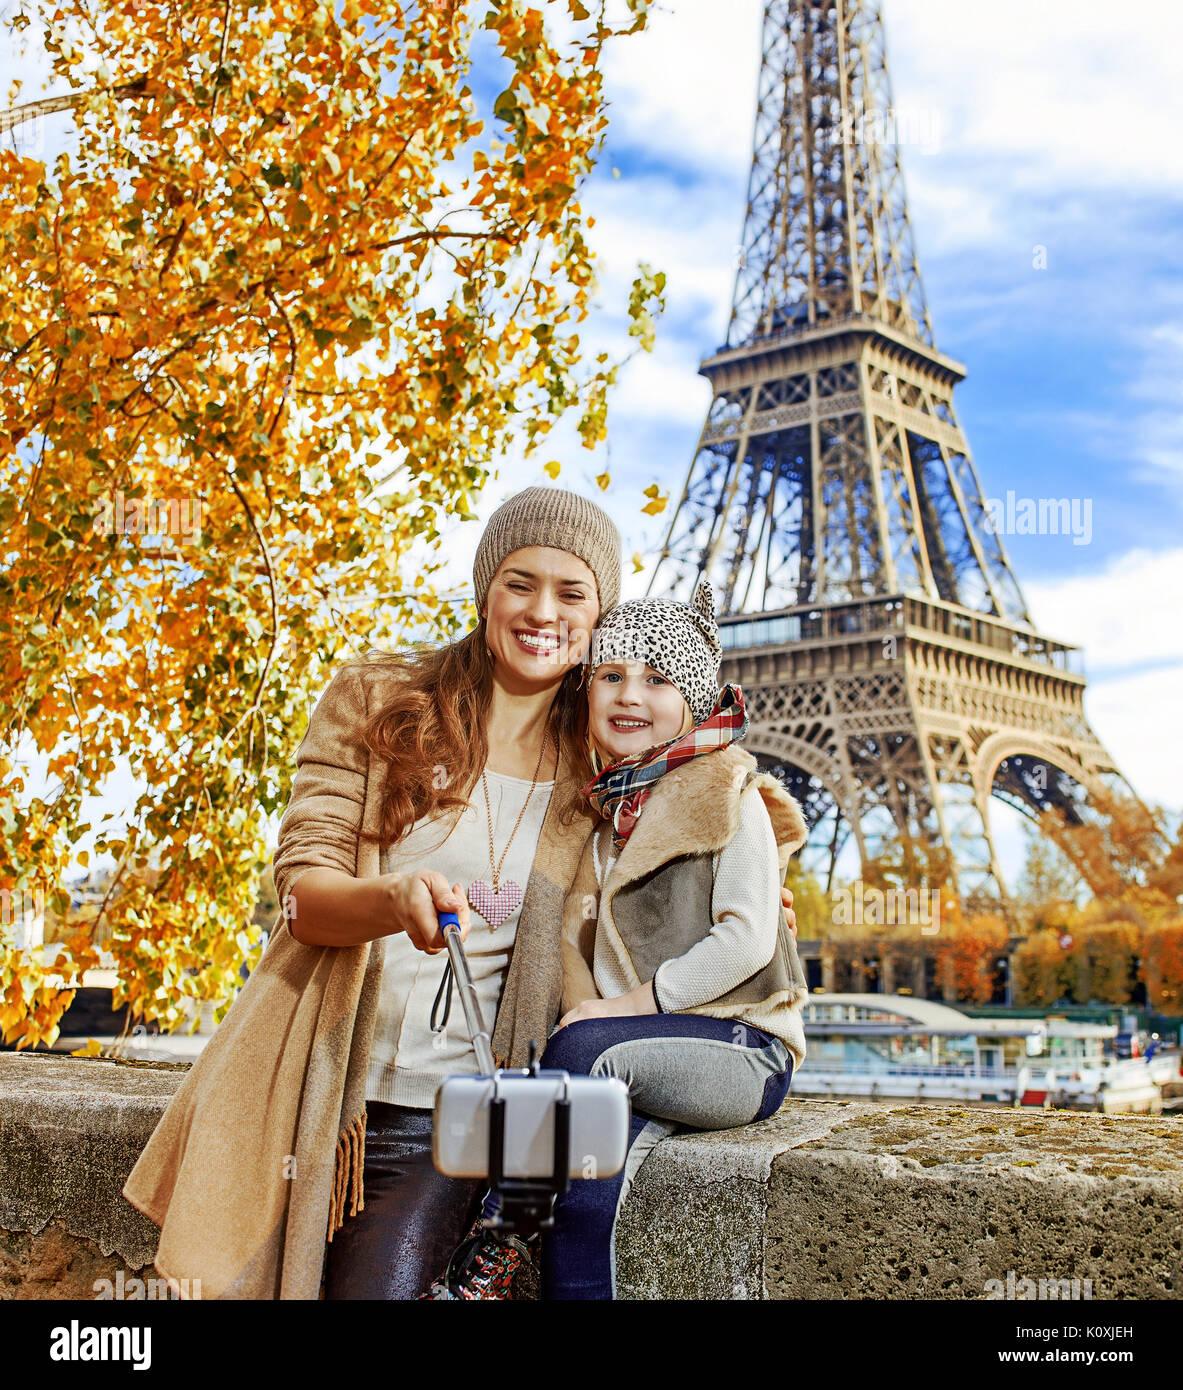 Escapades d'Automne à Paris avec la famille. smiling mother and child les voyageurs sur le quai à Paris, France en prenant l'aide de bâton selfies selfies Photo Stock